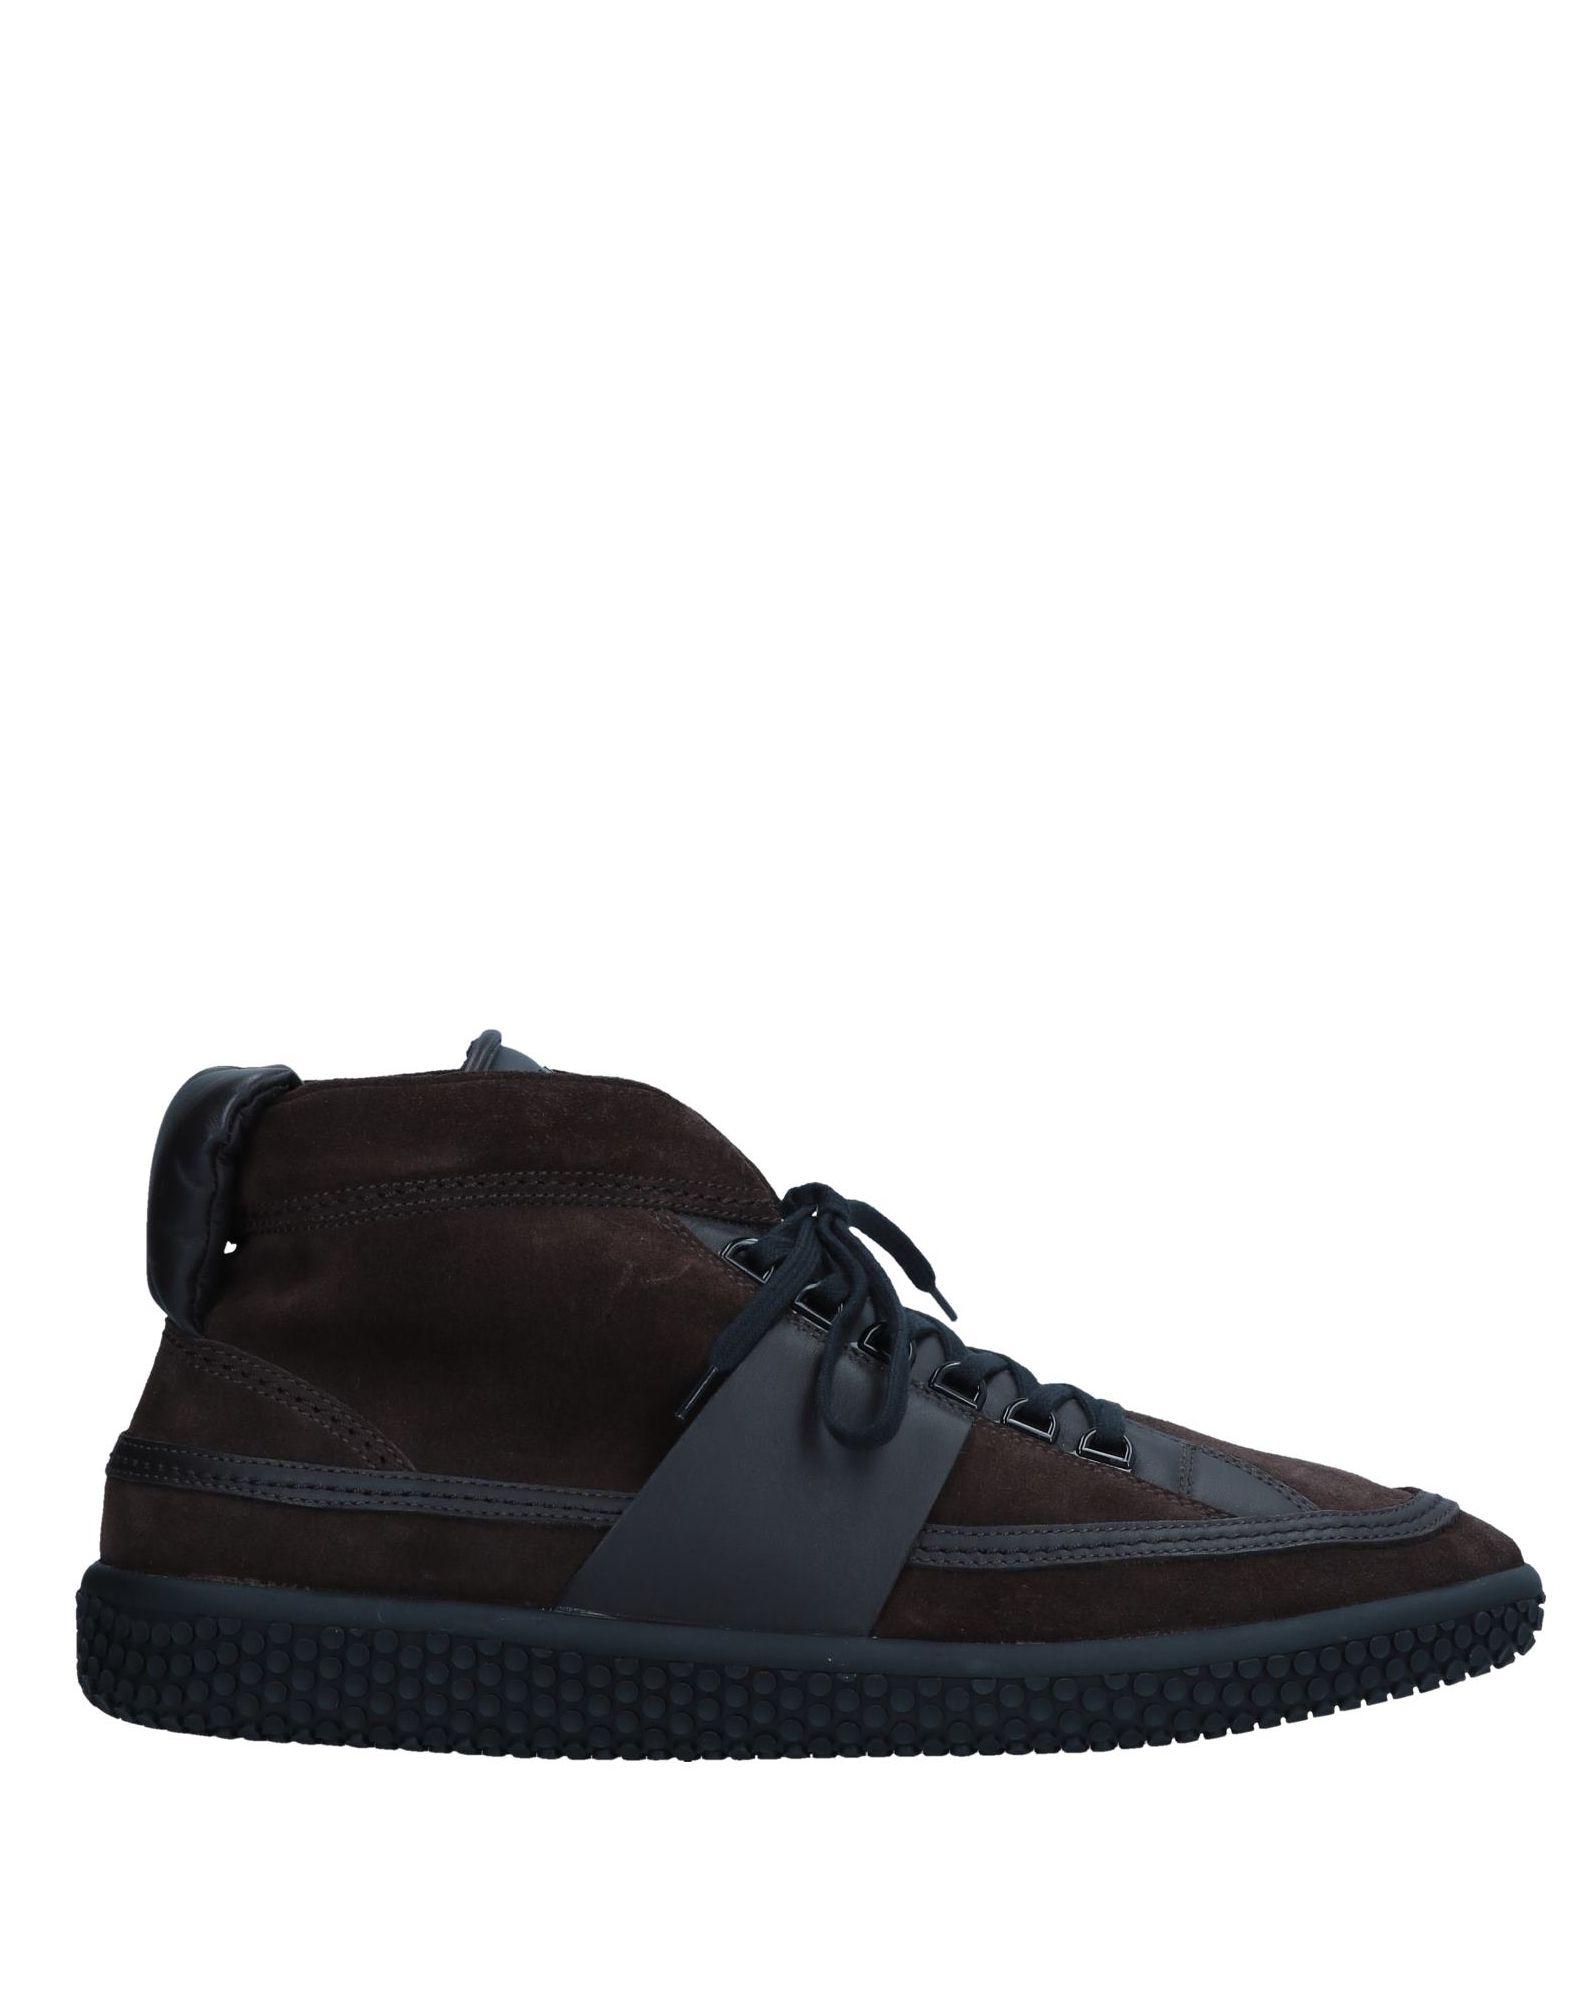 Sneakers O.X.S. Homme modèle - Sneakers O.X.S.  Moka Meilleur modèle Homme de vente 561c8b